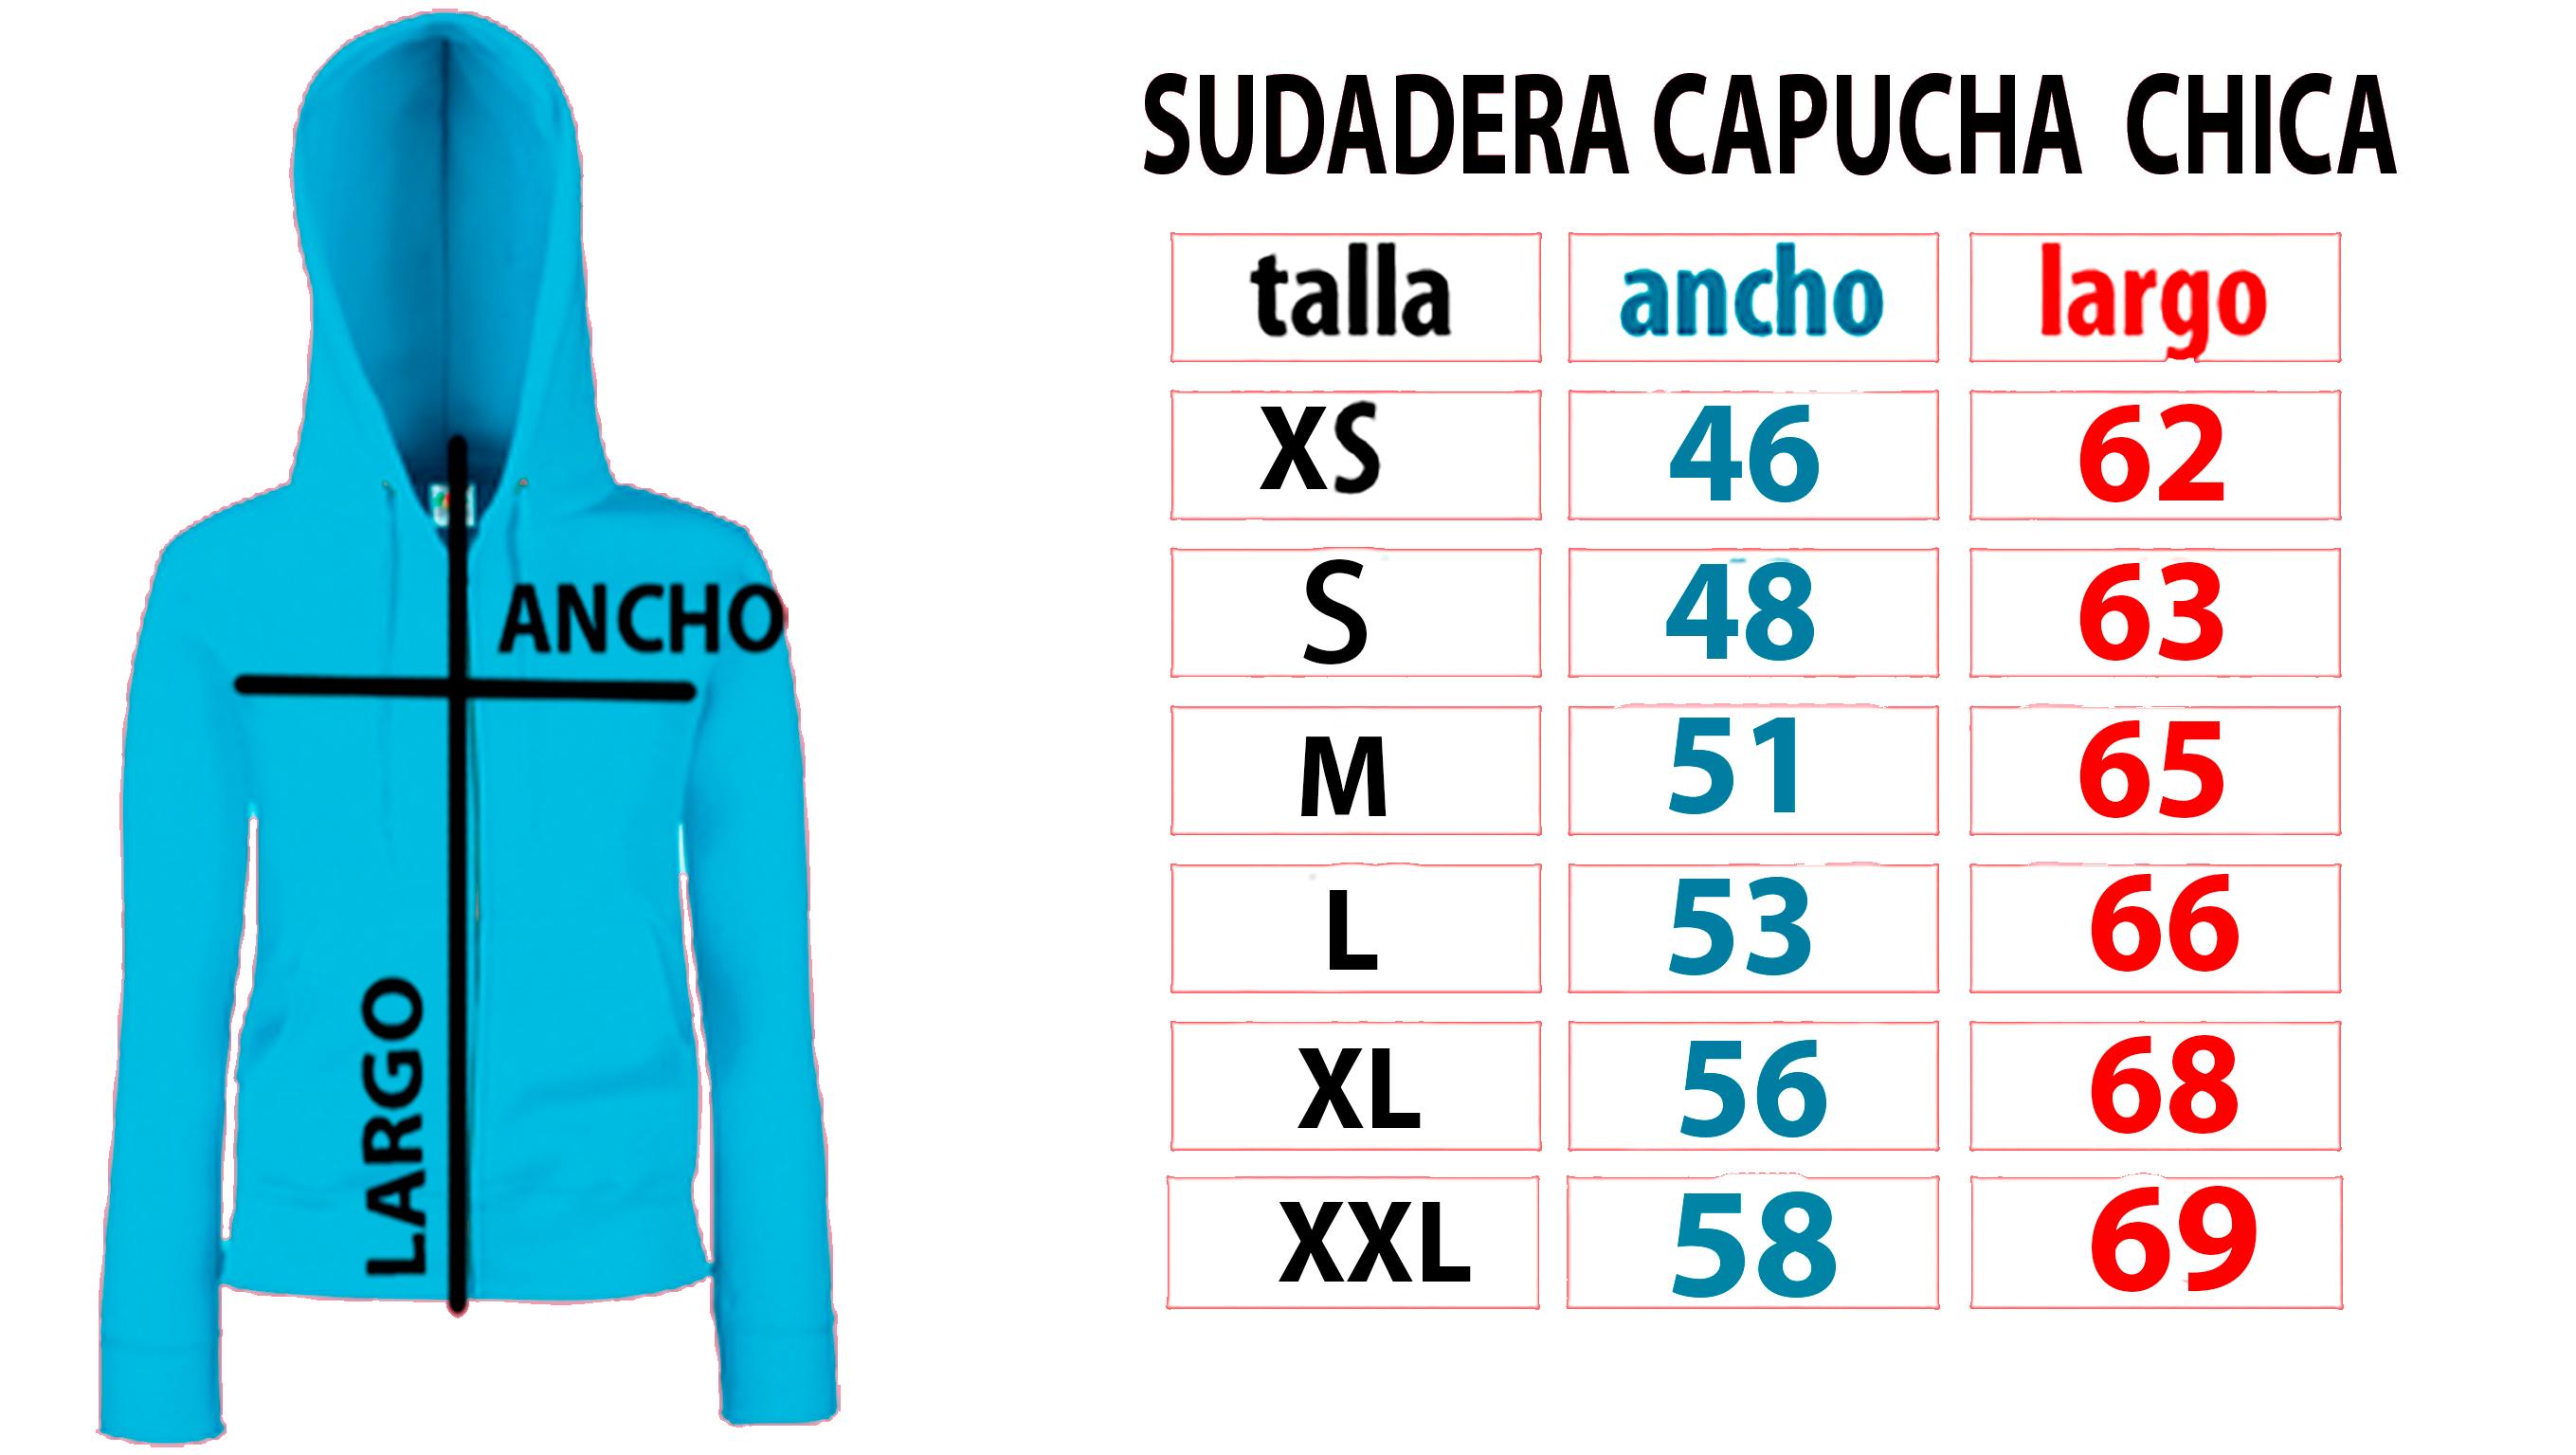 SUD-CAP-CHICA-TALLAS-2